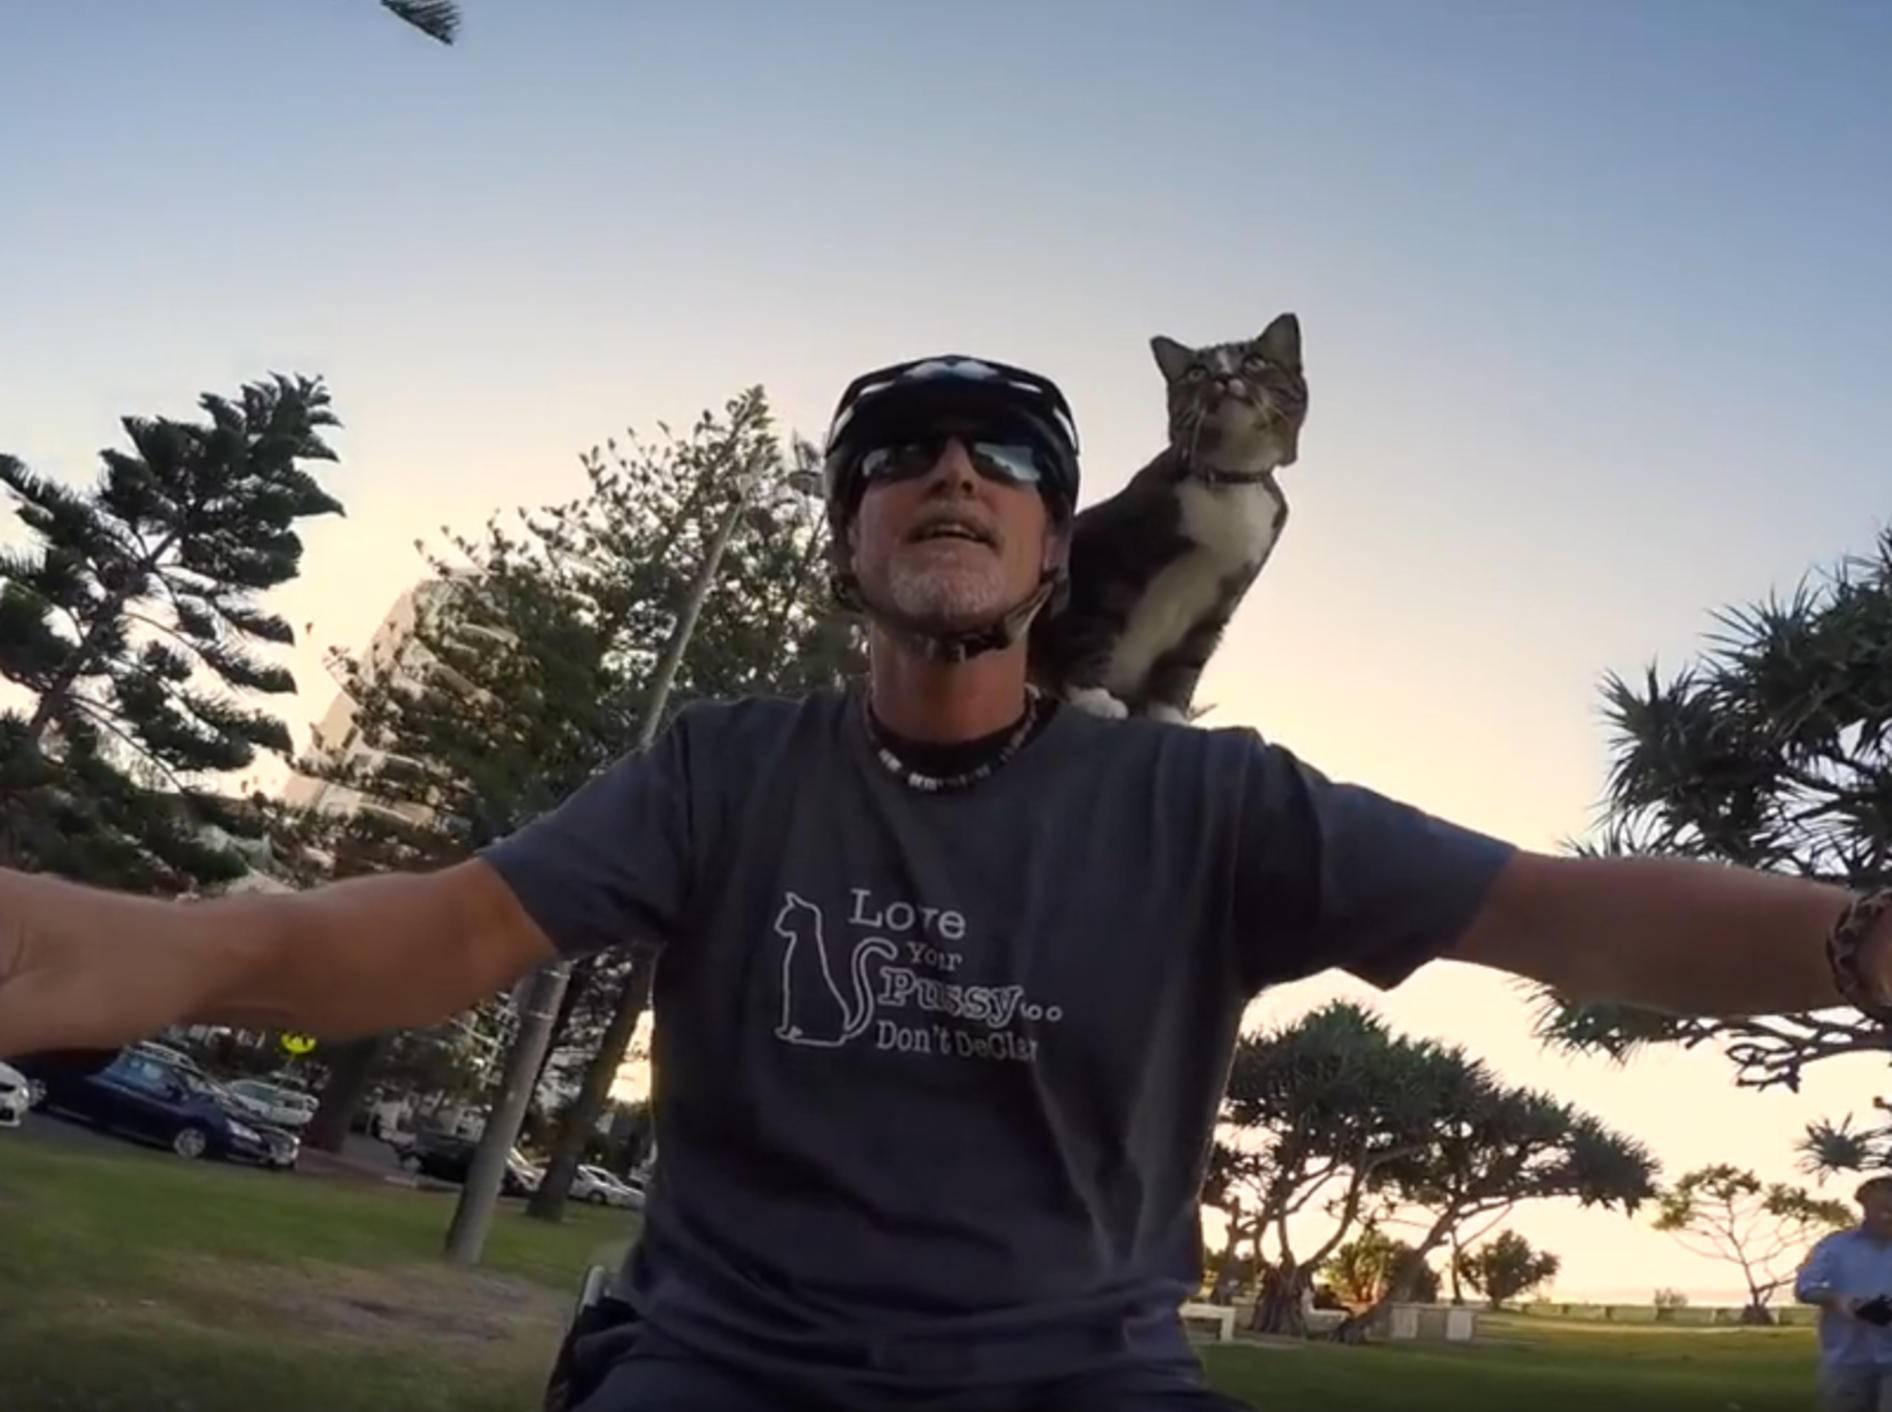 Katze Didga auf Fahrradtour mit ihrem Lieblingsmensch – YouTube / CATMANTOO